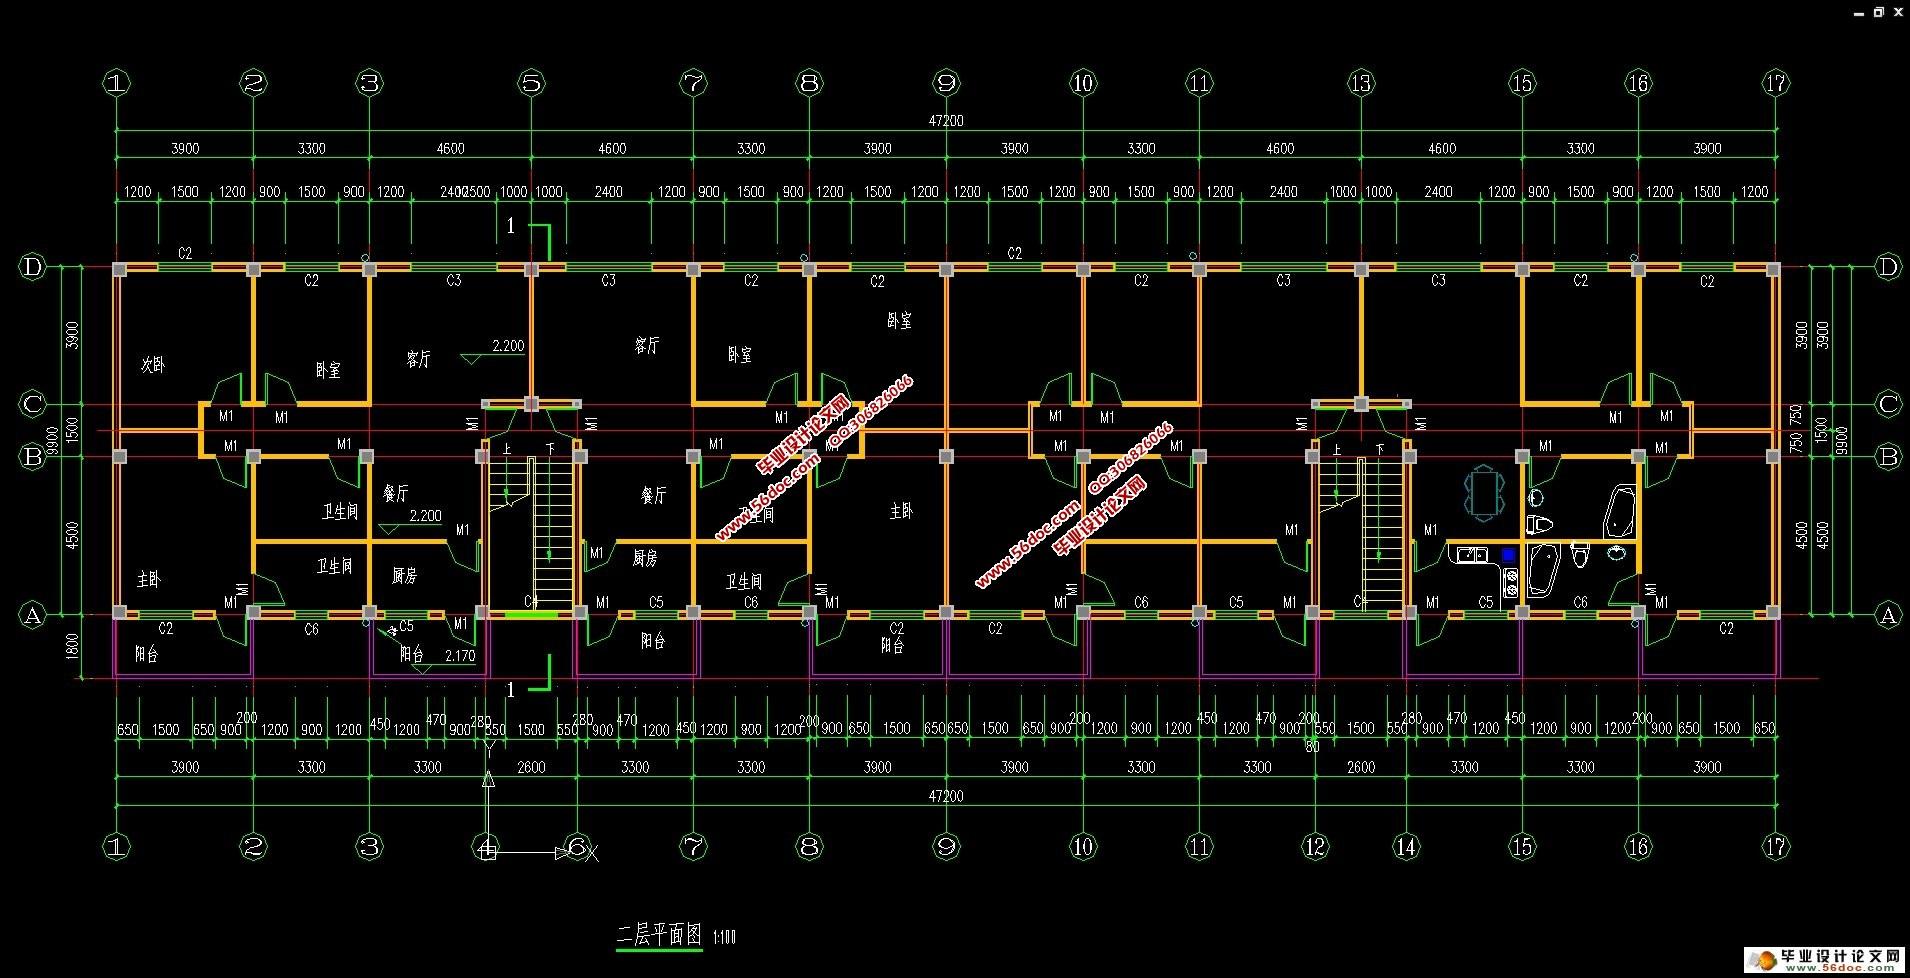 结构图13张) 本设计主要讲述了关山国际花园小区2号住宅楼建筑结构设计的设计过程,它为钢筋混凝土框架结构。共六层,底层为车库,层高2.2米,其他层层高均为2.8米。建筑物总高度为18.4米。 本住宅楼属于建筑中的民用筑类,在设计计算中参考了较多的相关书目,并且严格按照建筑设计规范来完成建的。其主要分为两大部分: 第一部分为建筑设计。建筑设计是在总体规划的前提下,根据任务书的要求,综合考虑基地环境,使用功能,结构施工,材料设备,建筑设计及建筑艺术问题,解决建筑物的使用功能和空间的安排。依据建筑物的概念,建筑